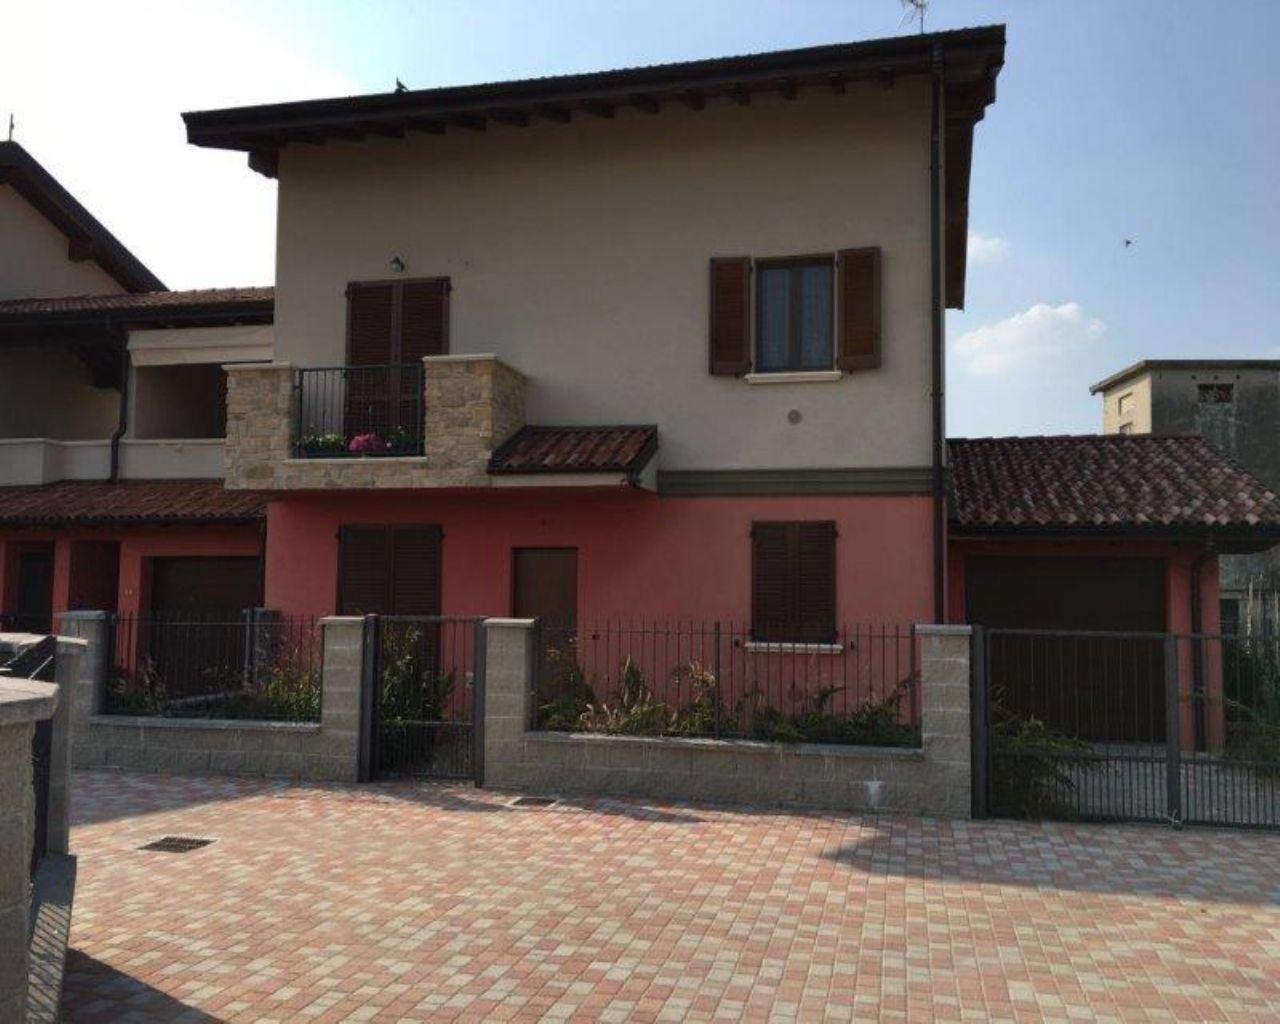 Appartamento VILLANOVA DEL SILLARO ATF 279